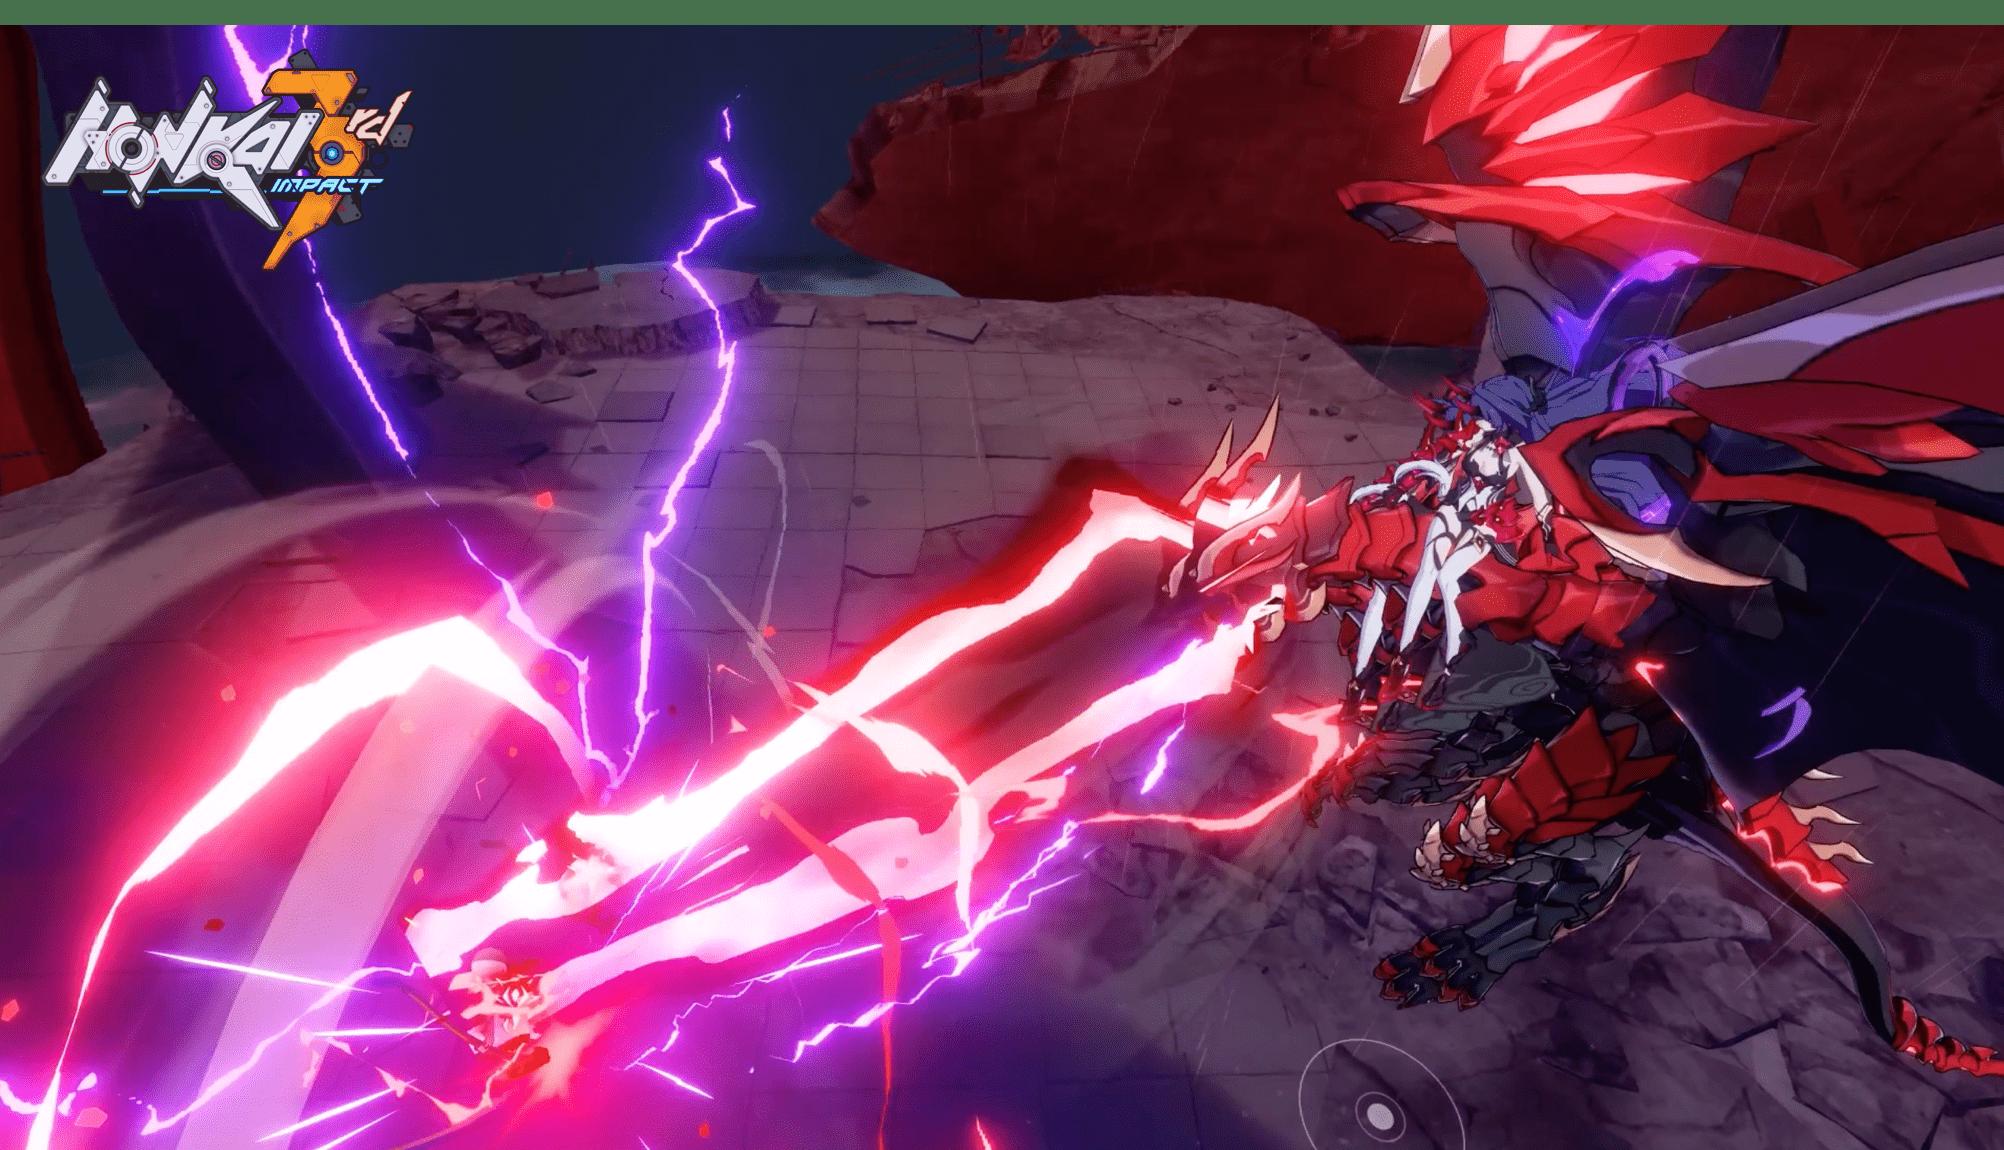 Honkai impact 3_screenshot 4